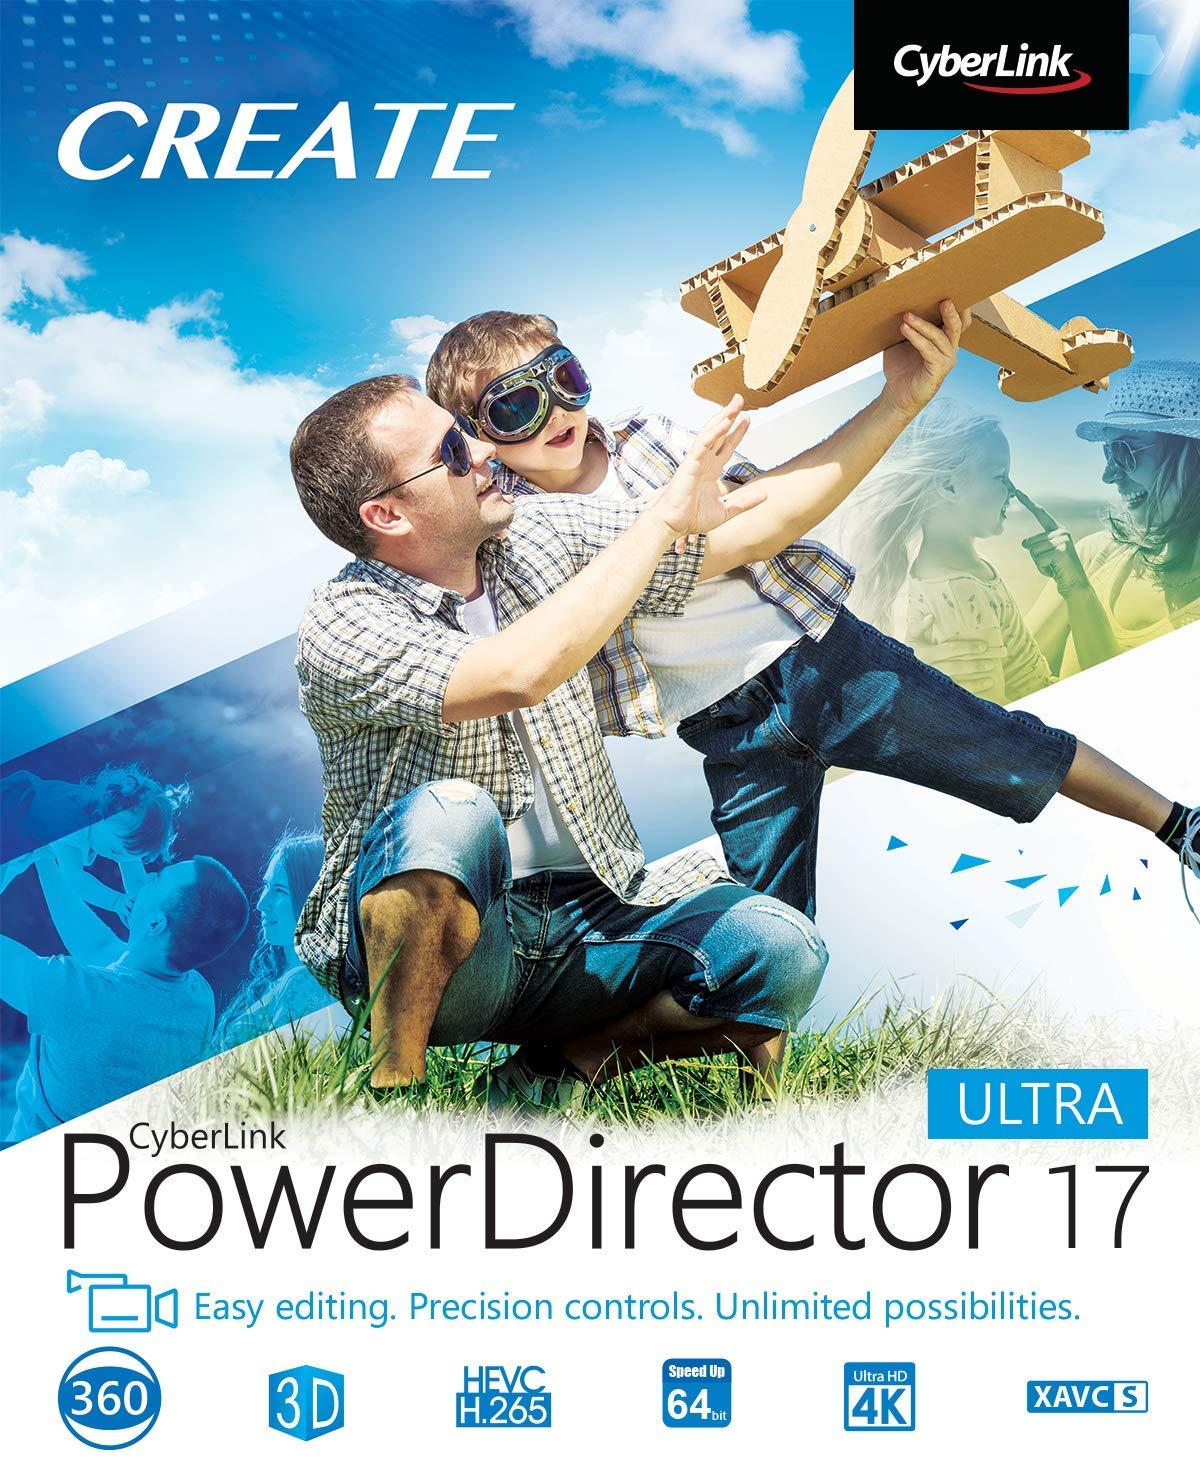 Cyberlink PowerDirector 17 Ultra [PC Download] by Cyberlink